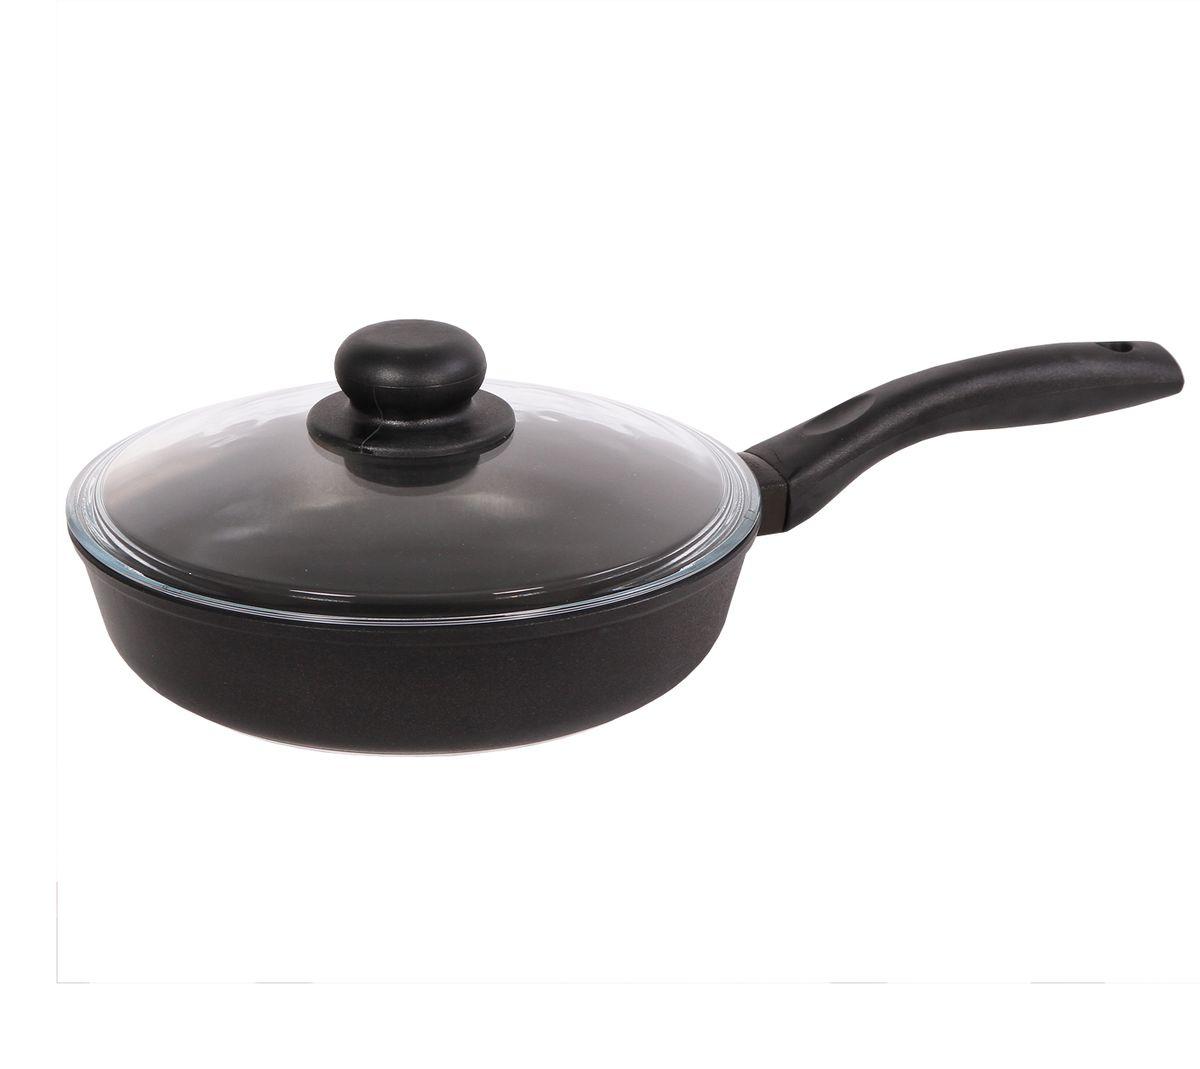 Сковорода Биол Классик с крышкой, с антипригарным покрытием. Диаметр 20 см391602Сковорода Биол, выполненная из литого алюминия с утолщенным дном, оснащена удобной бакелитовой ручкой и стеклянной крышкой. Благодаря внутреннему антипригарному покрытию пища не пригорает и не прилипает к стенкам. Готовить можно с минимальным количеством масла и жиров. Гладкая поверхность обеспечивает легкость ухода за посудой. Посуда равномерно распределяет тепло и обладает высокой устойчивостью к деформации, легкая и практичная в эксплуатации. Подходит для использования на электрических, газовых и стеклокерамических плитах. Не подходит для индукционных плит. Можно мыть в посудомоечной машине. Диаметр сковороды: 20 см. Высота стенки: 4,6 см. Длина ручки: 15,5 см.